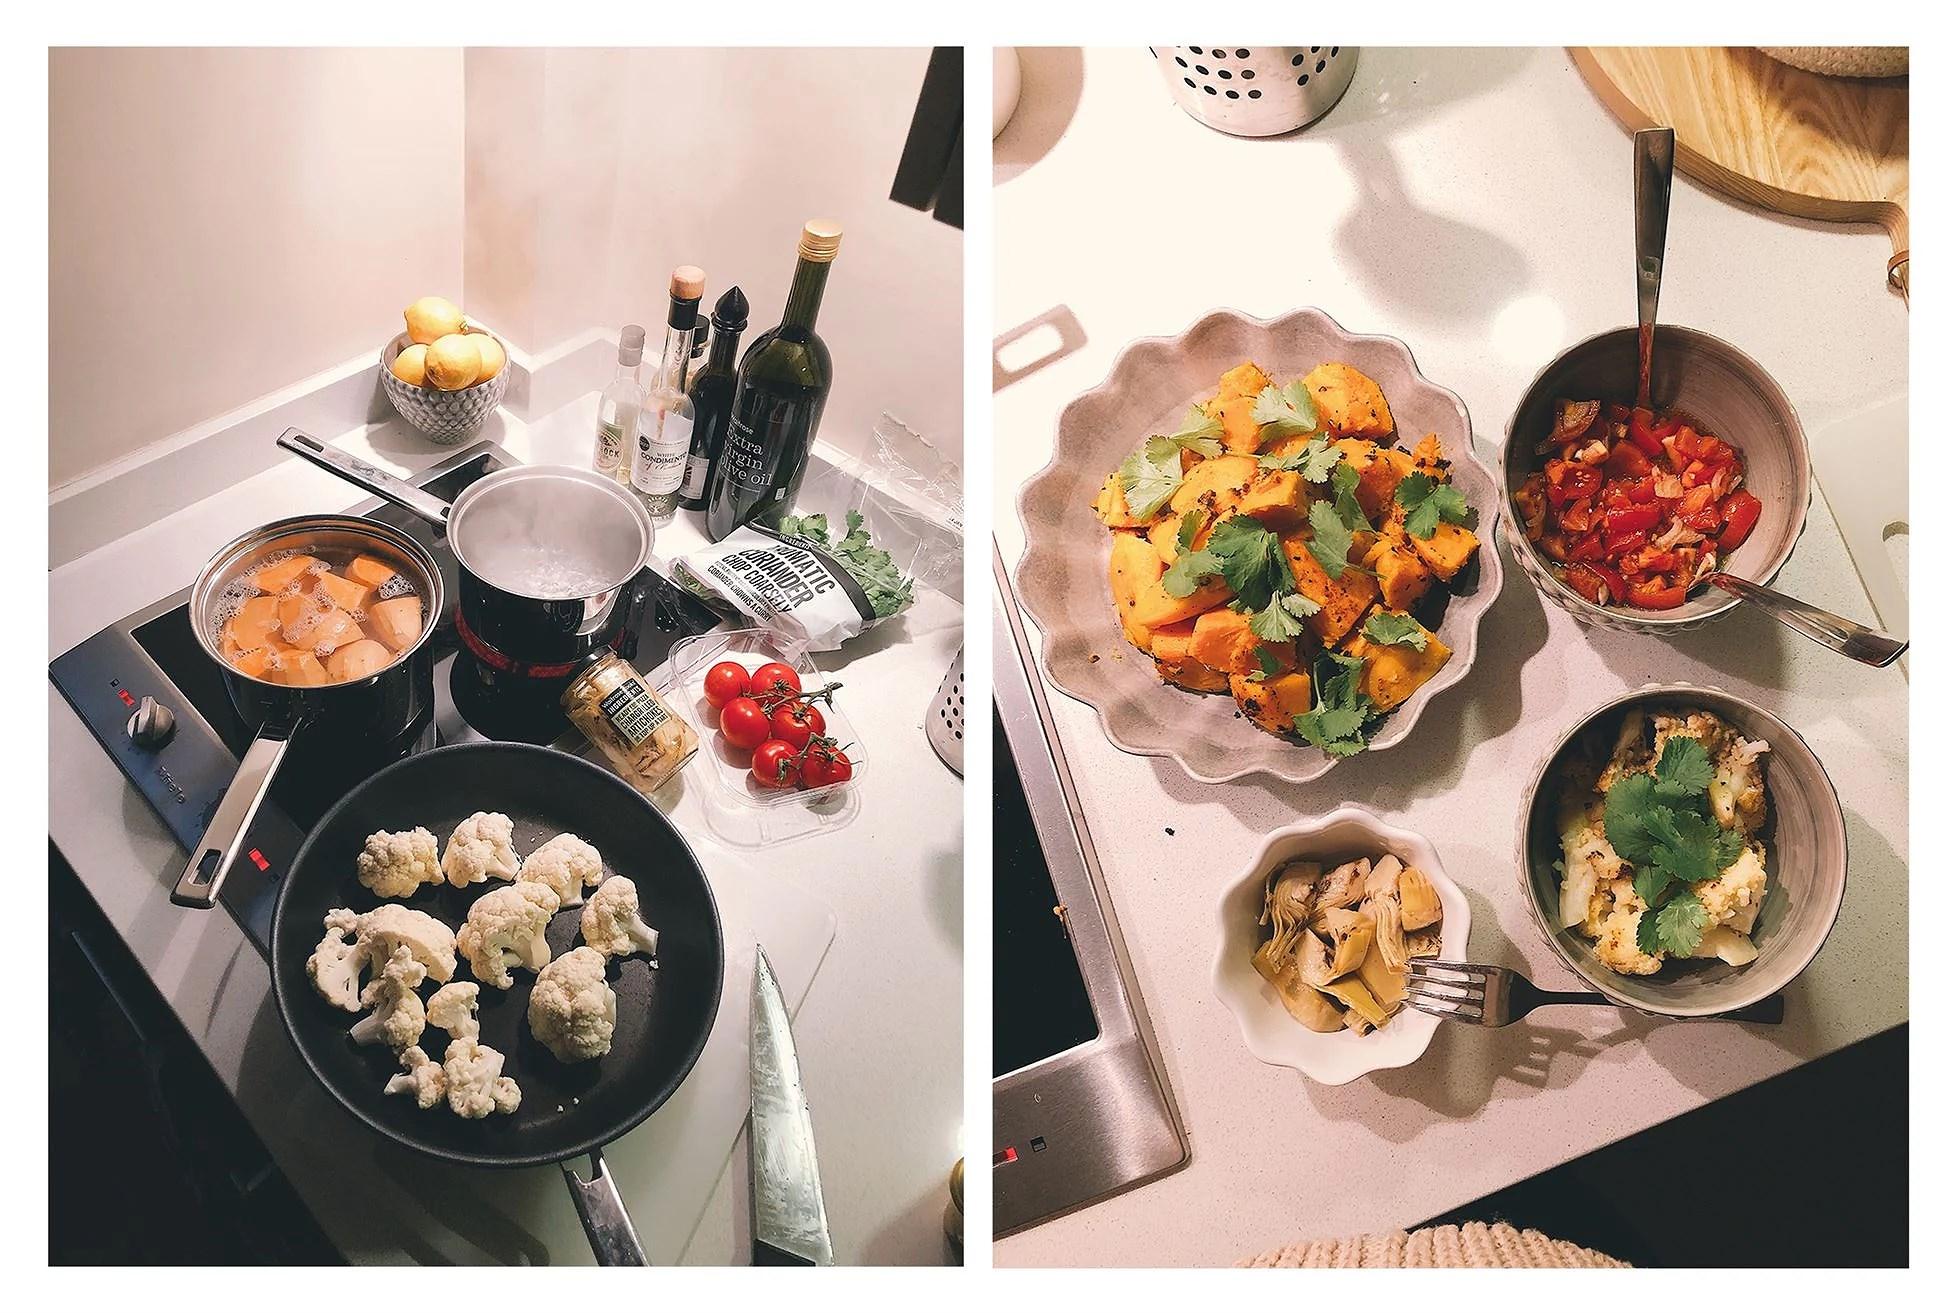 VENDELA - 3 EASY DINNER RECIPES